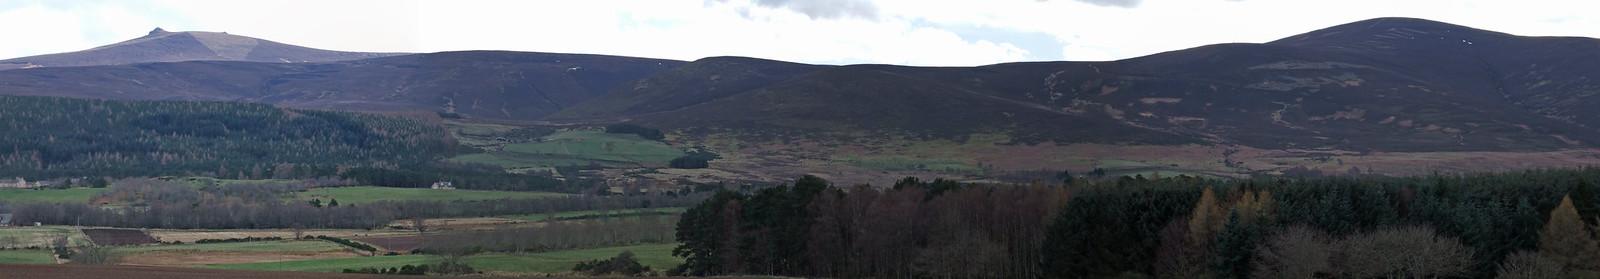 Clachnaben - Mount Battock Ridge